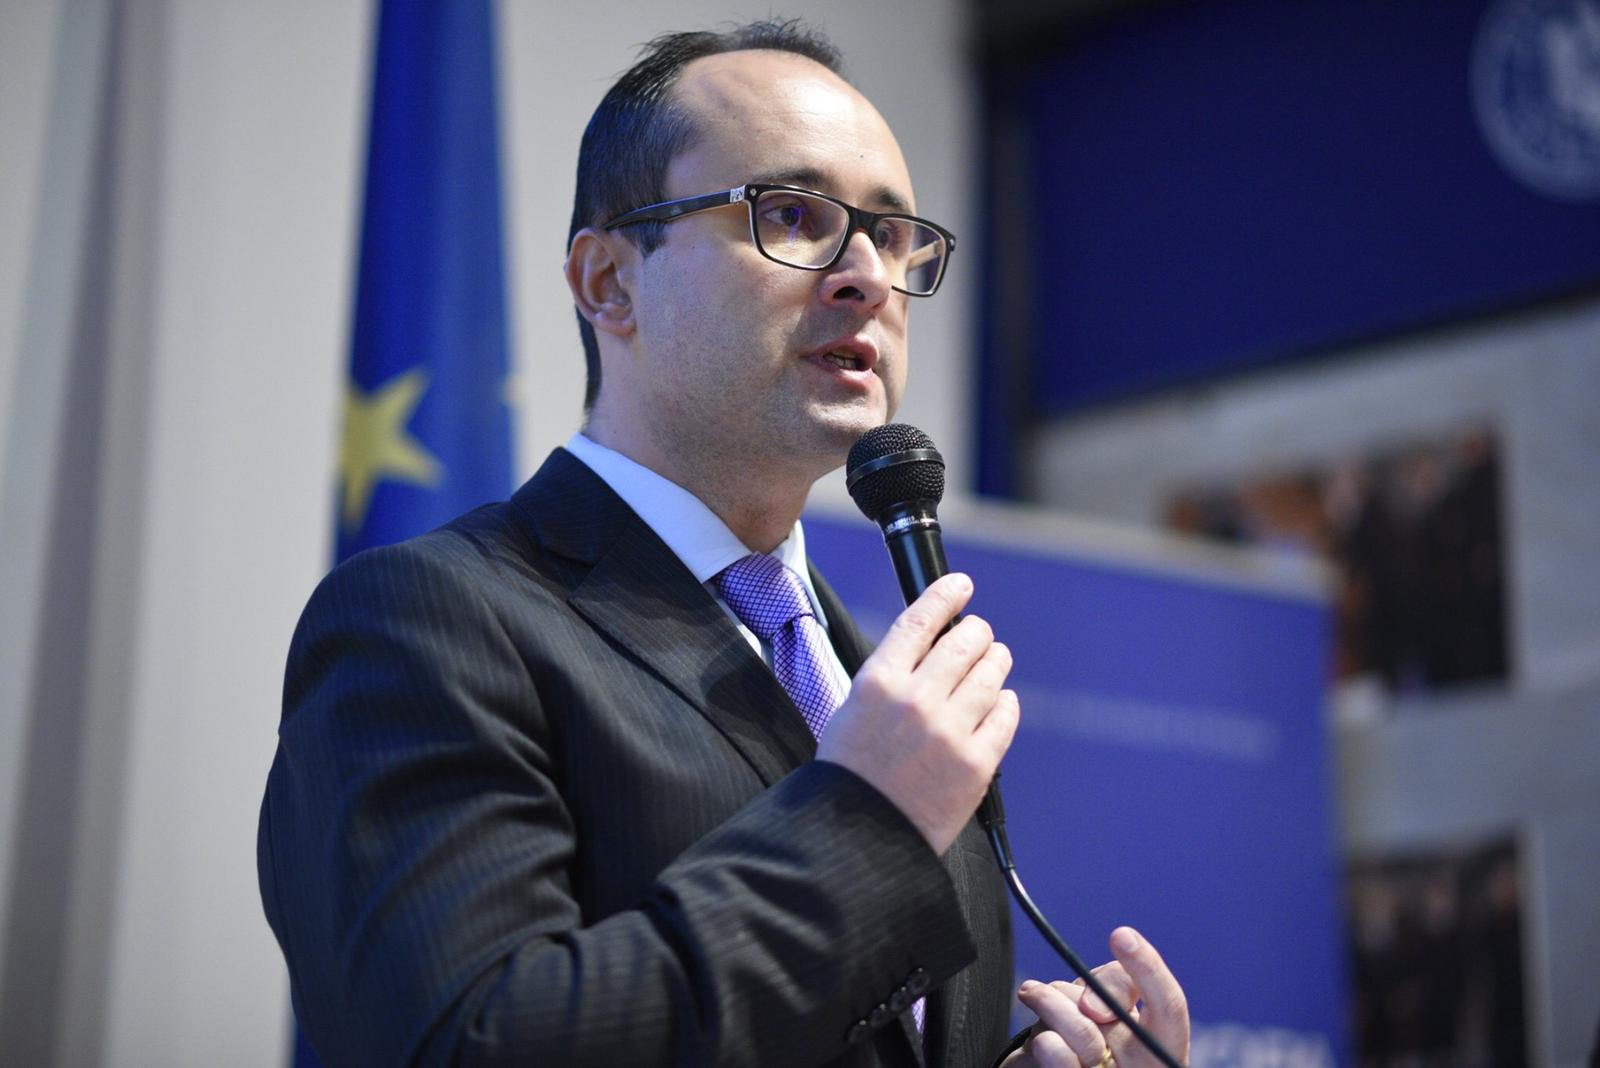 Cristian Bușoi: Programul de Sănătate al Uniunii Europene va primi 5,1 miliarde de euro